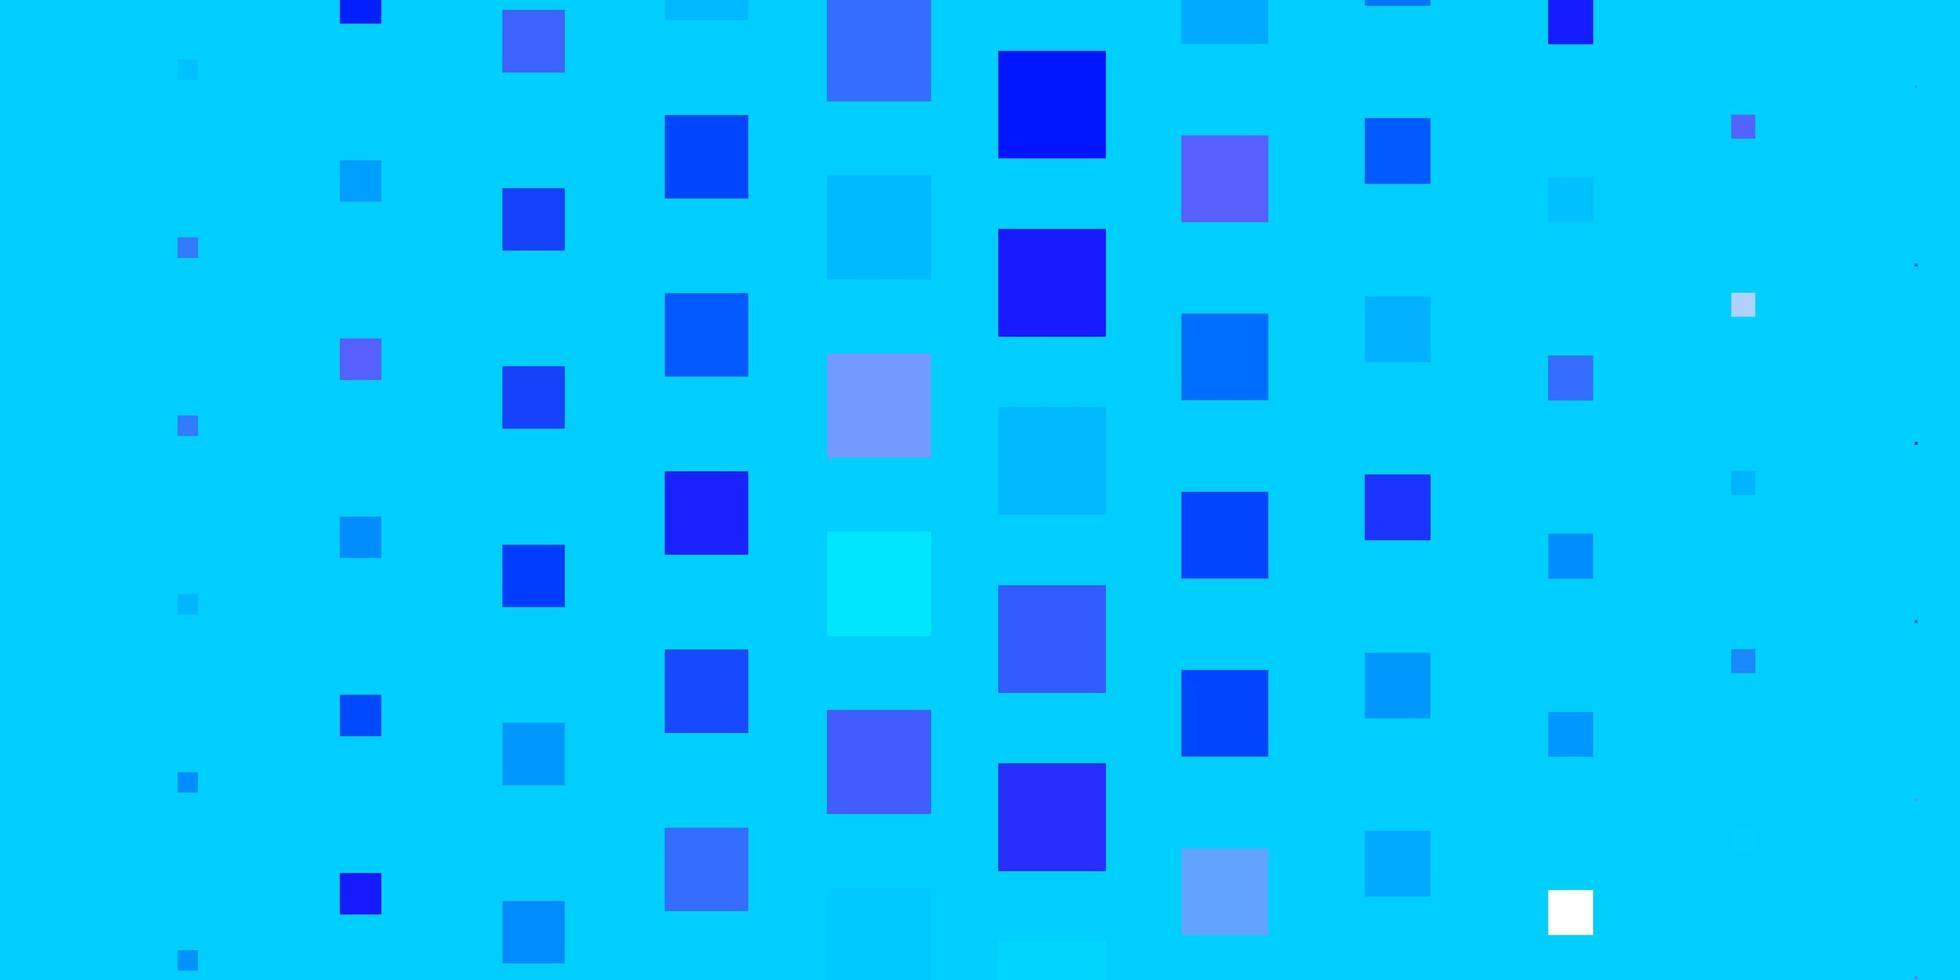 lichtroze, blauwe vectorlay-out met lijnen, rechthoeken. vector